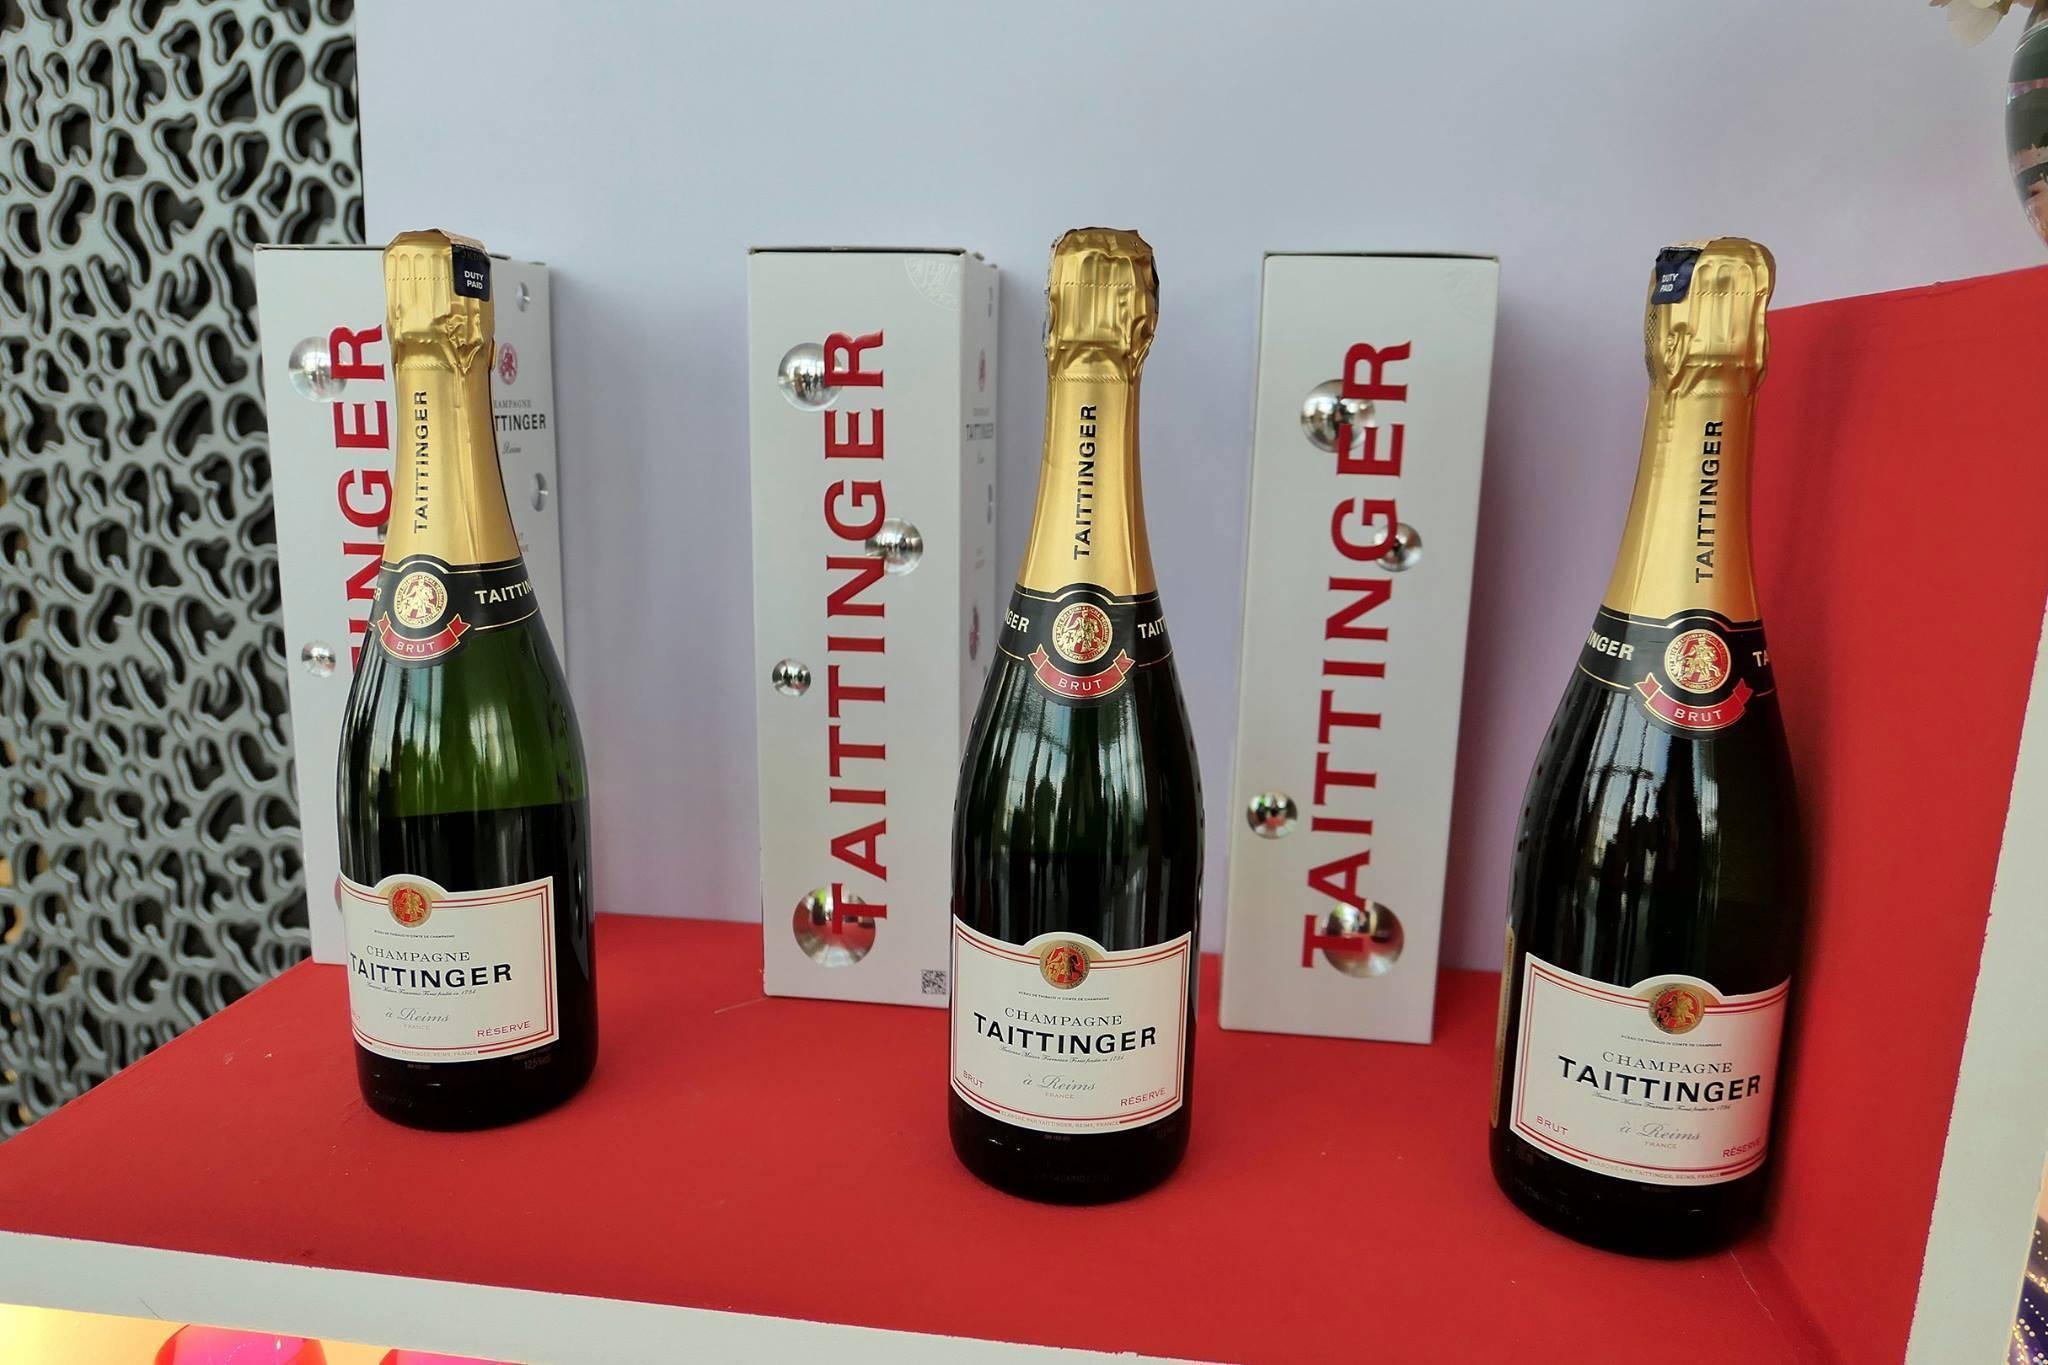 Топ 4 лучших шампанских в российских магазинах: обзор, фото